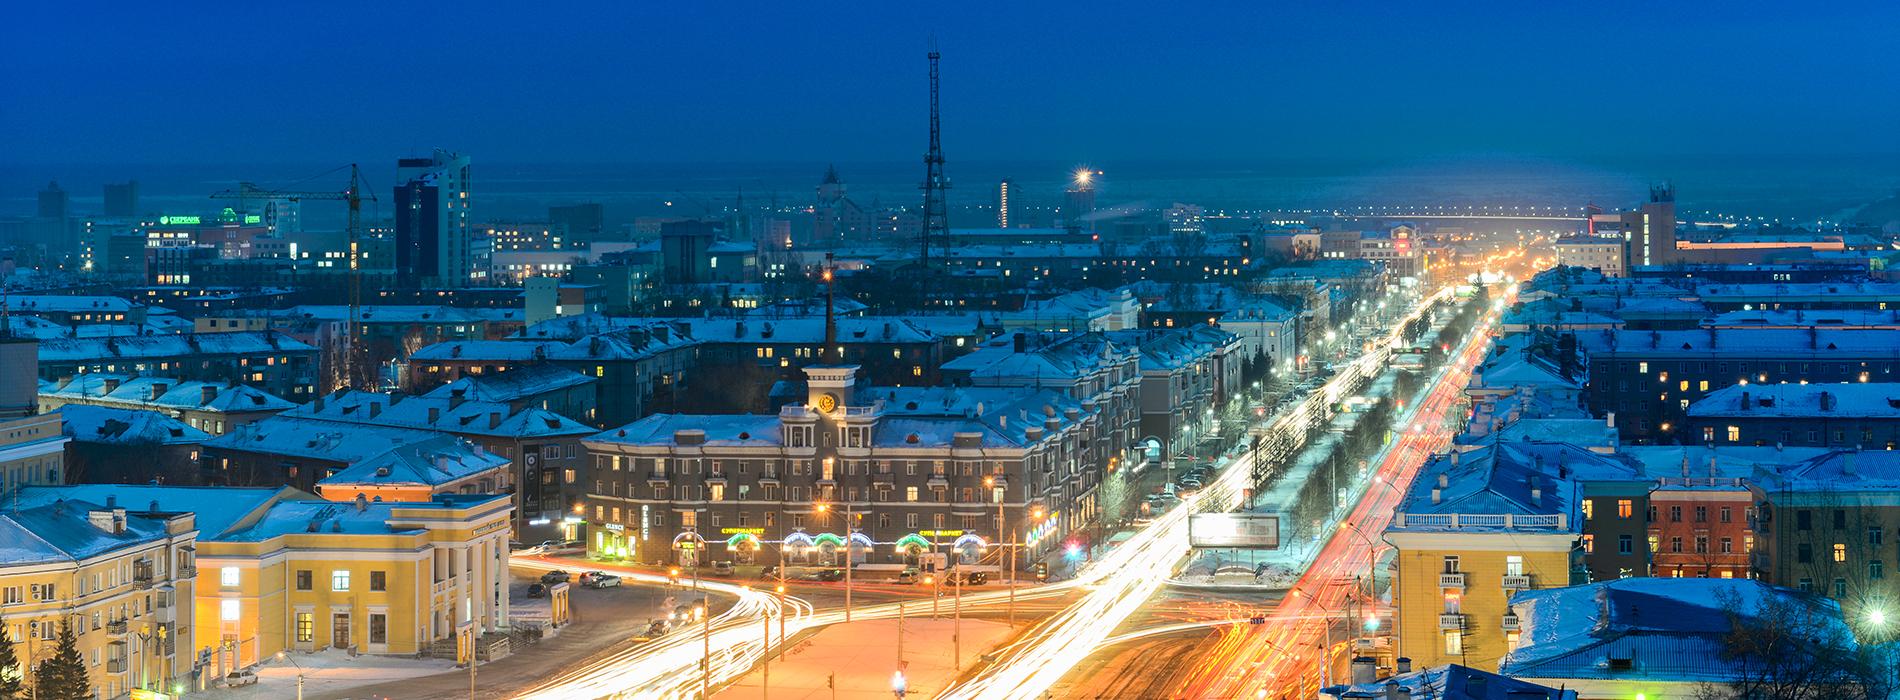 Авиабилеты Сеул — Барнаул, купить билеты на самолет туда и обратно